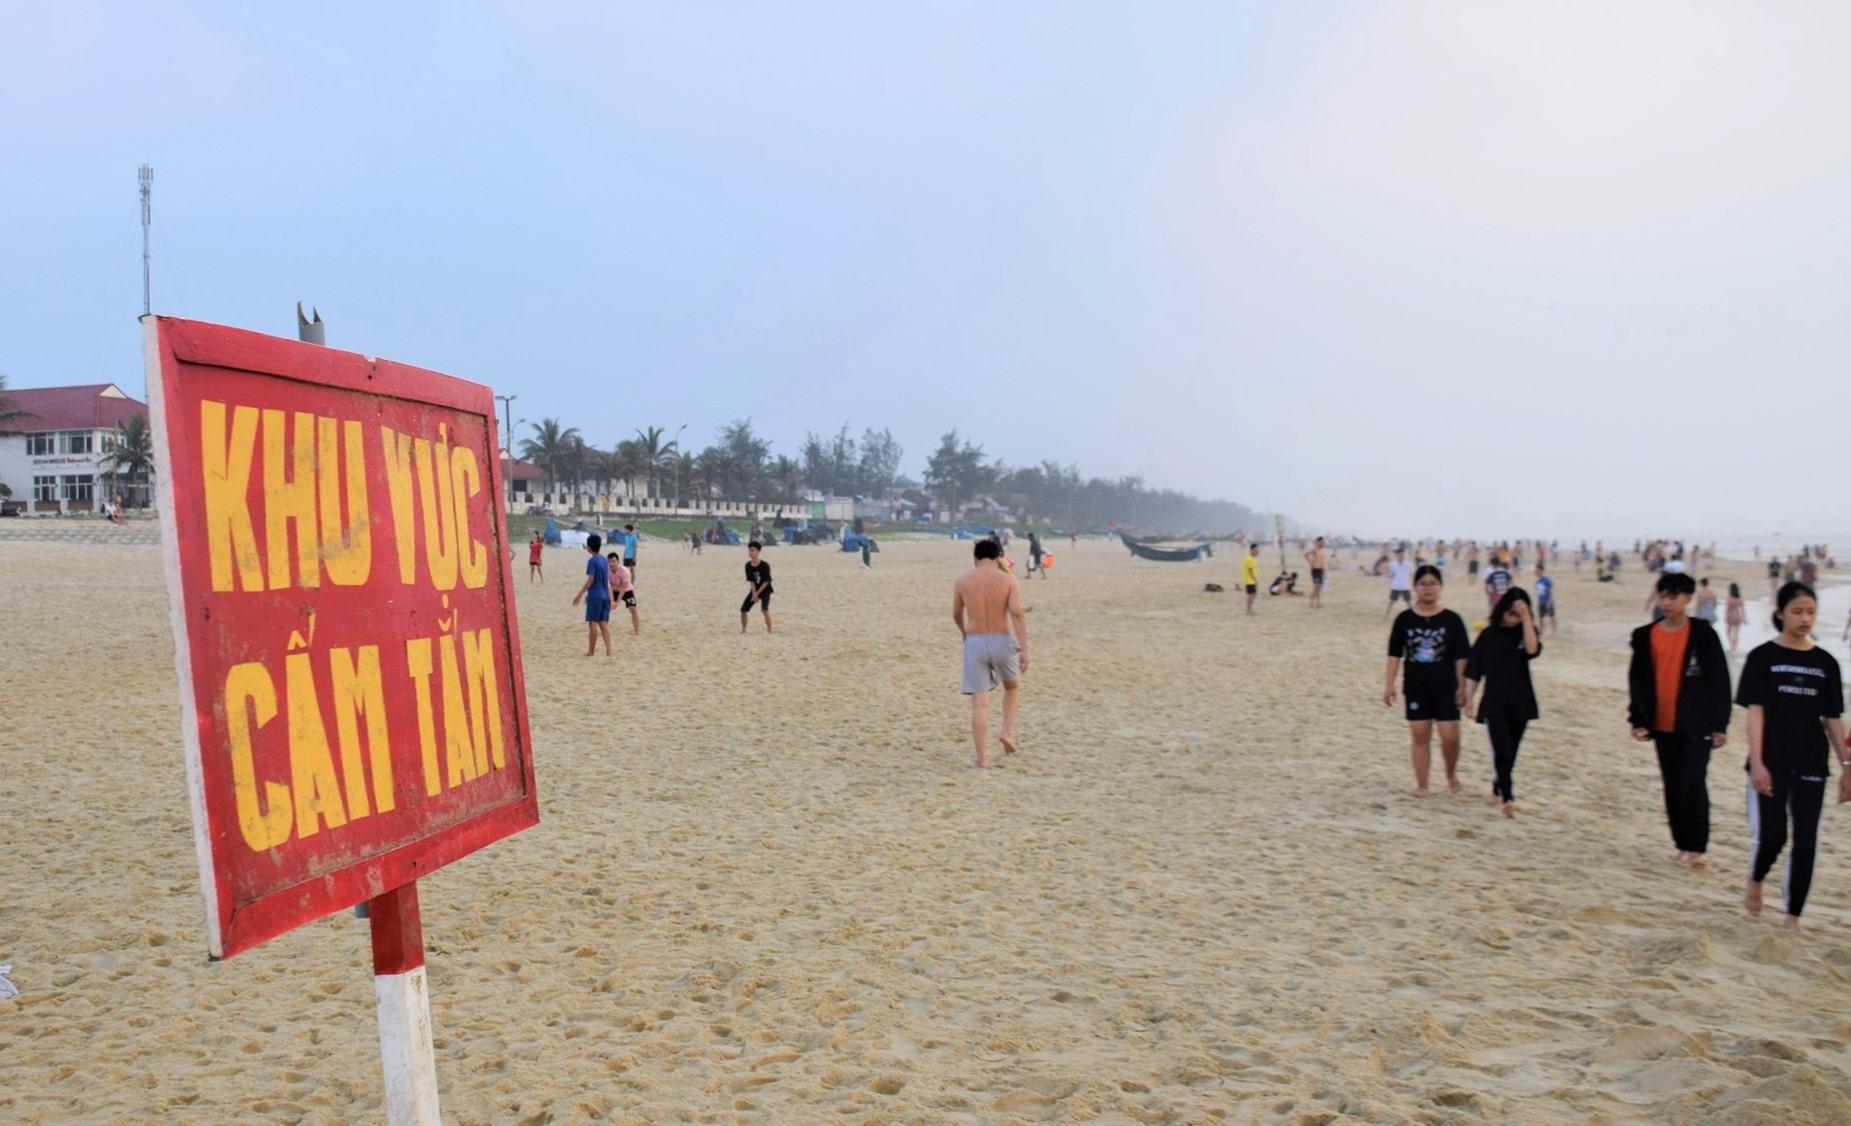 Một số biển cấm tắm biển được cắm dọc theo bãi tắm. Ảnh: BÌNH AN